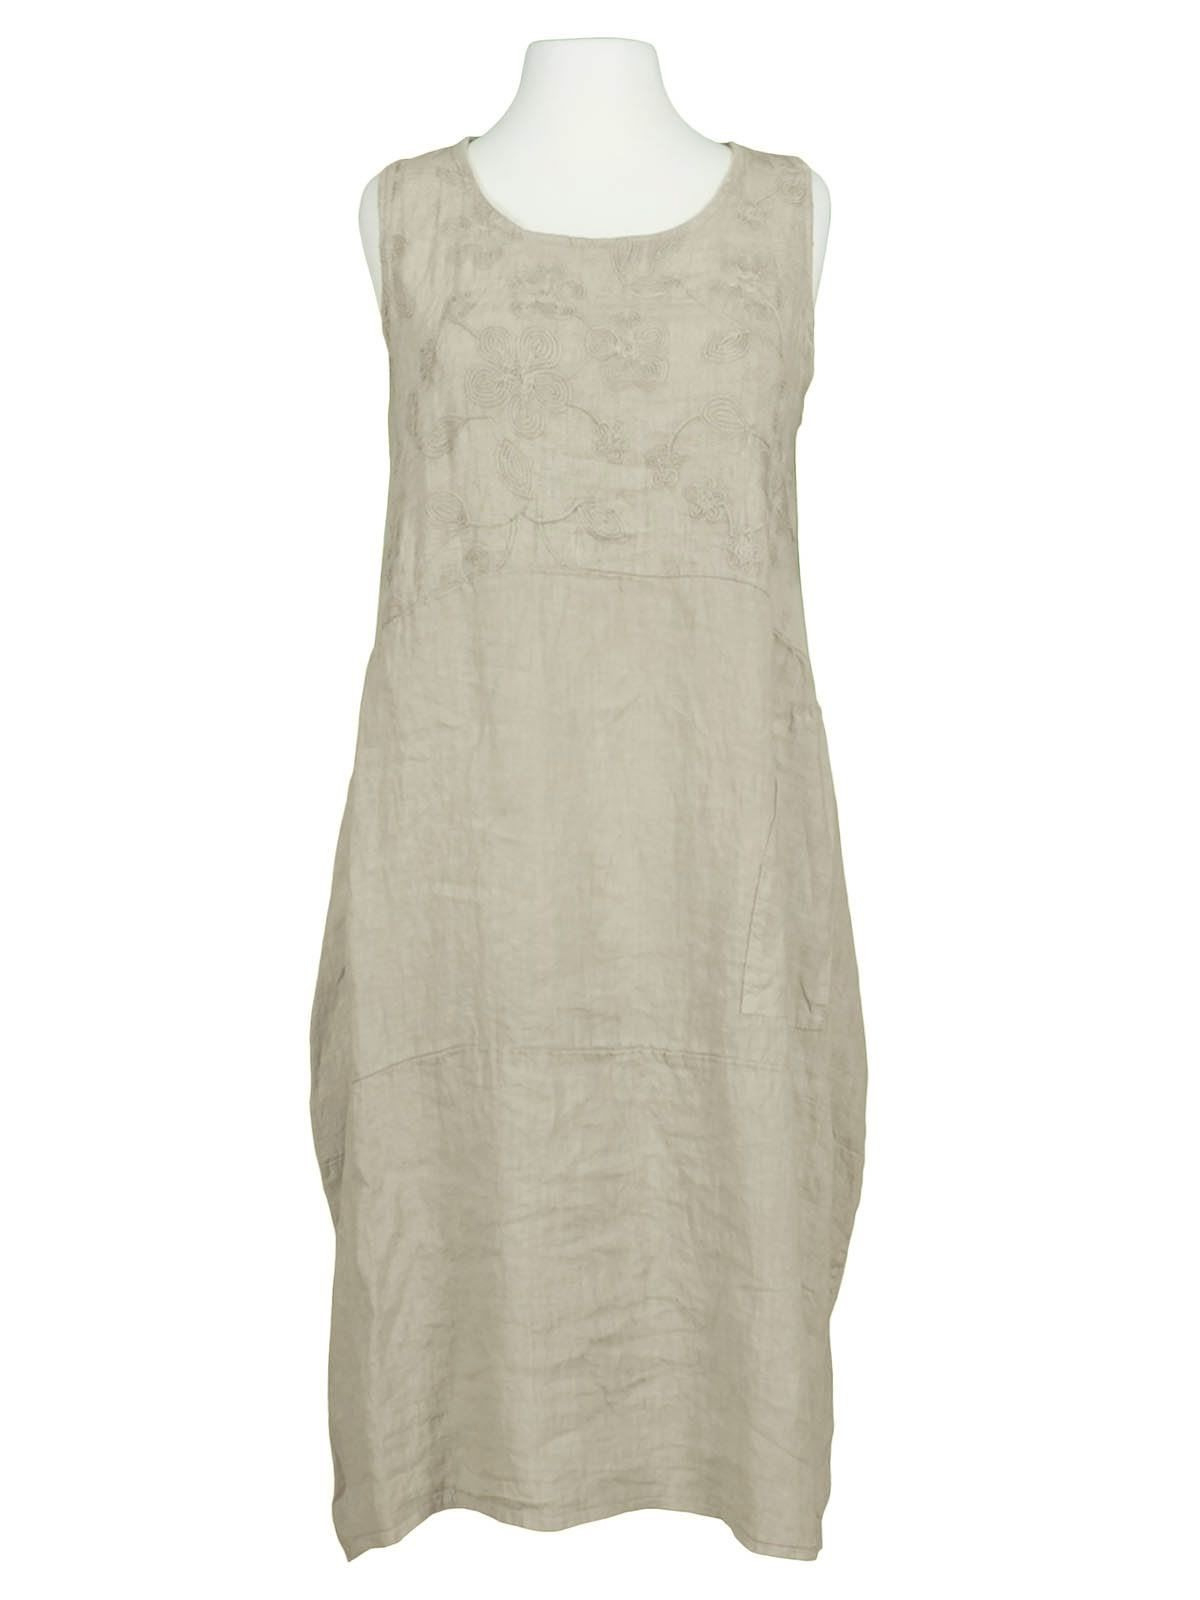 10 Einfach Damen Kleider A Form StylishFormal Spektakulär Damen Kleider A Form Galerie